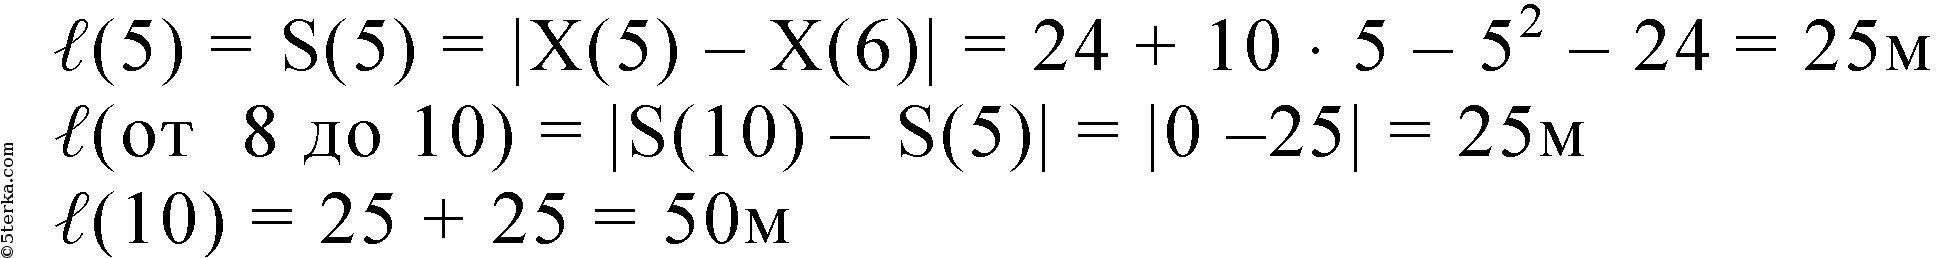 уравнение движения точки по прямой имеет вид